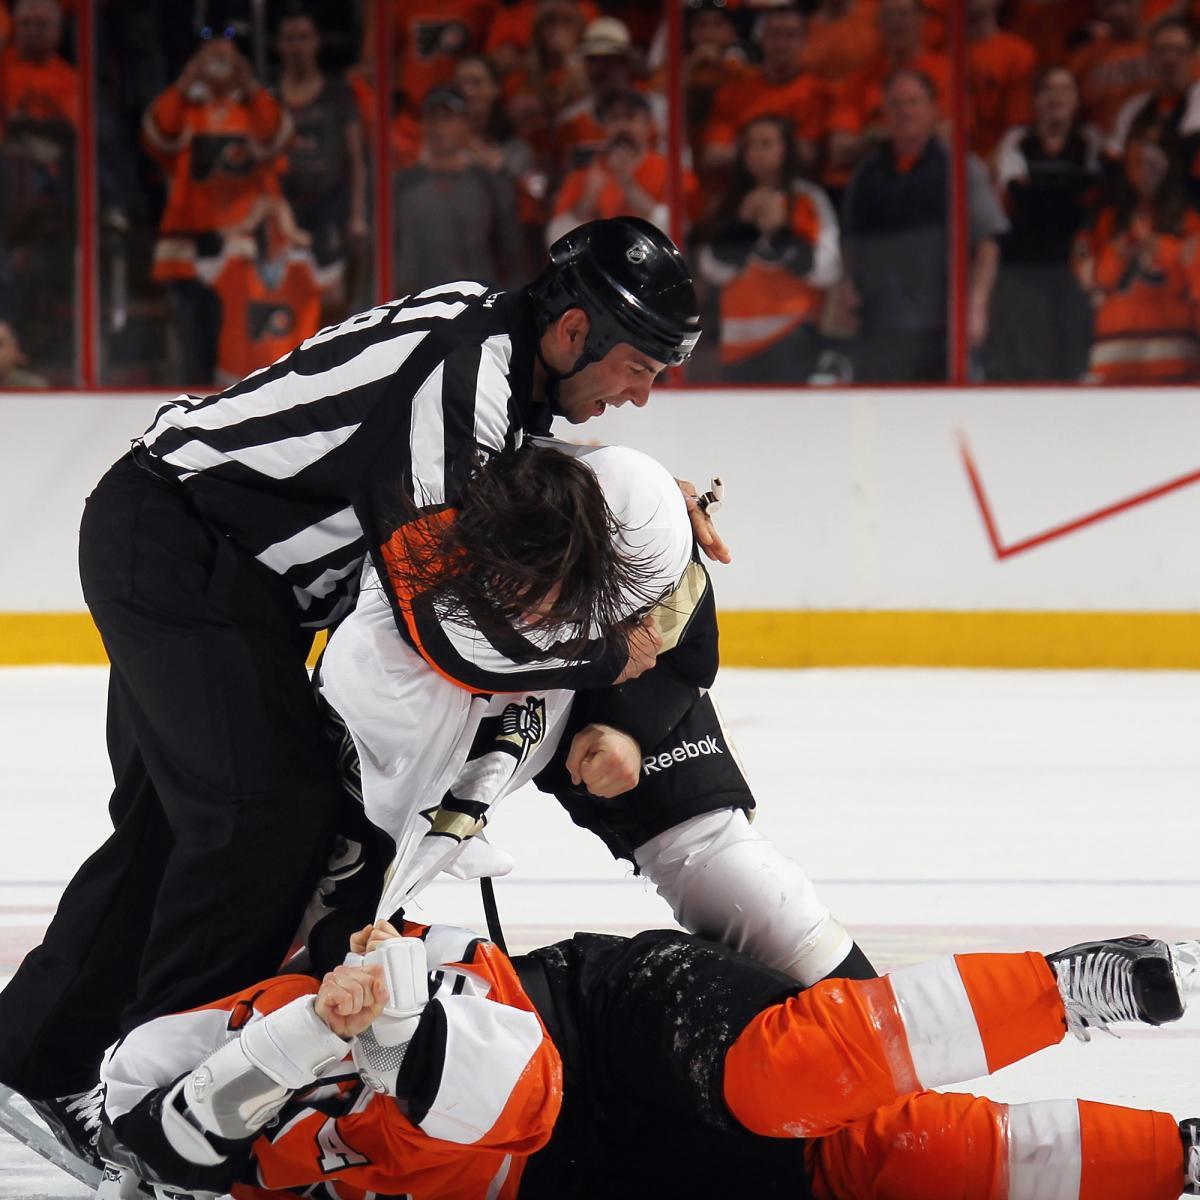 2012 NHL Playoffs: Parity Between Teams Major Reason ...